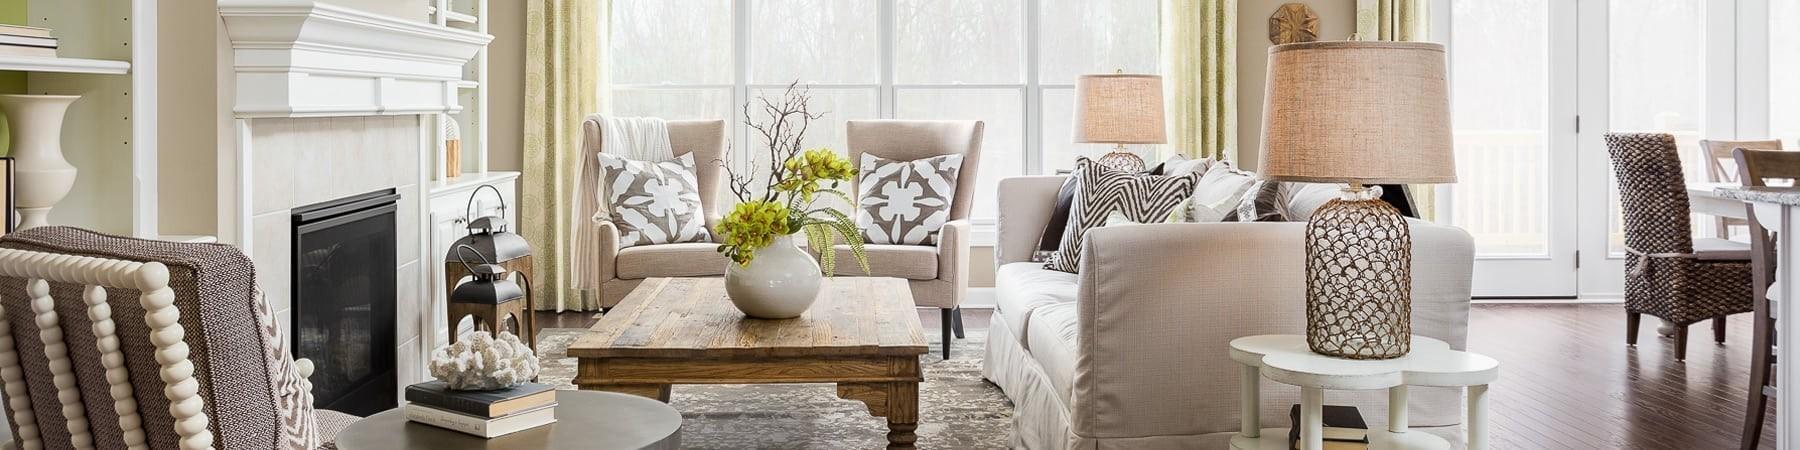 Đồ dùng, đồ gia dụng, đồ trang trí cho phòng khách, dùng tiếp khách